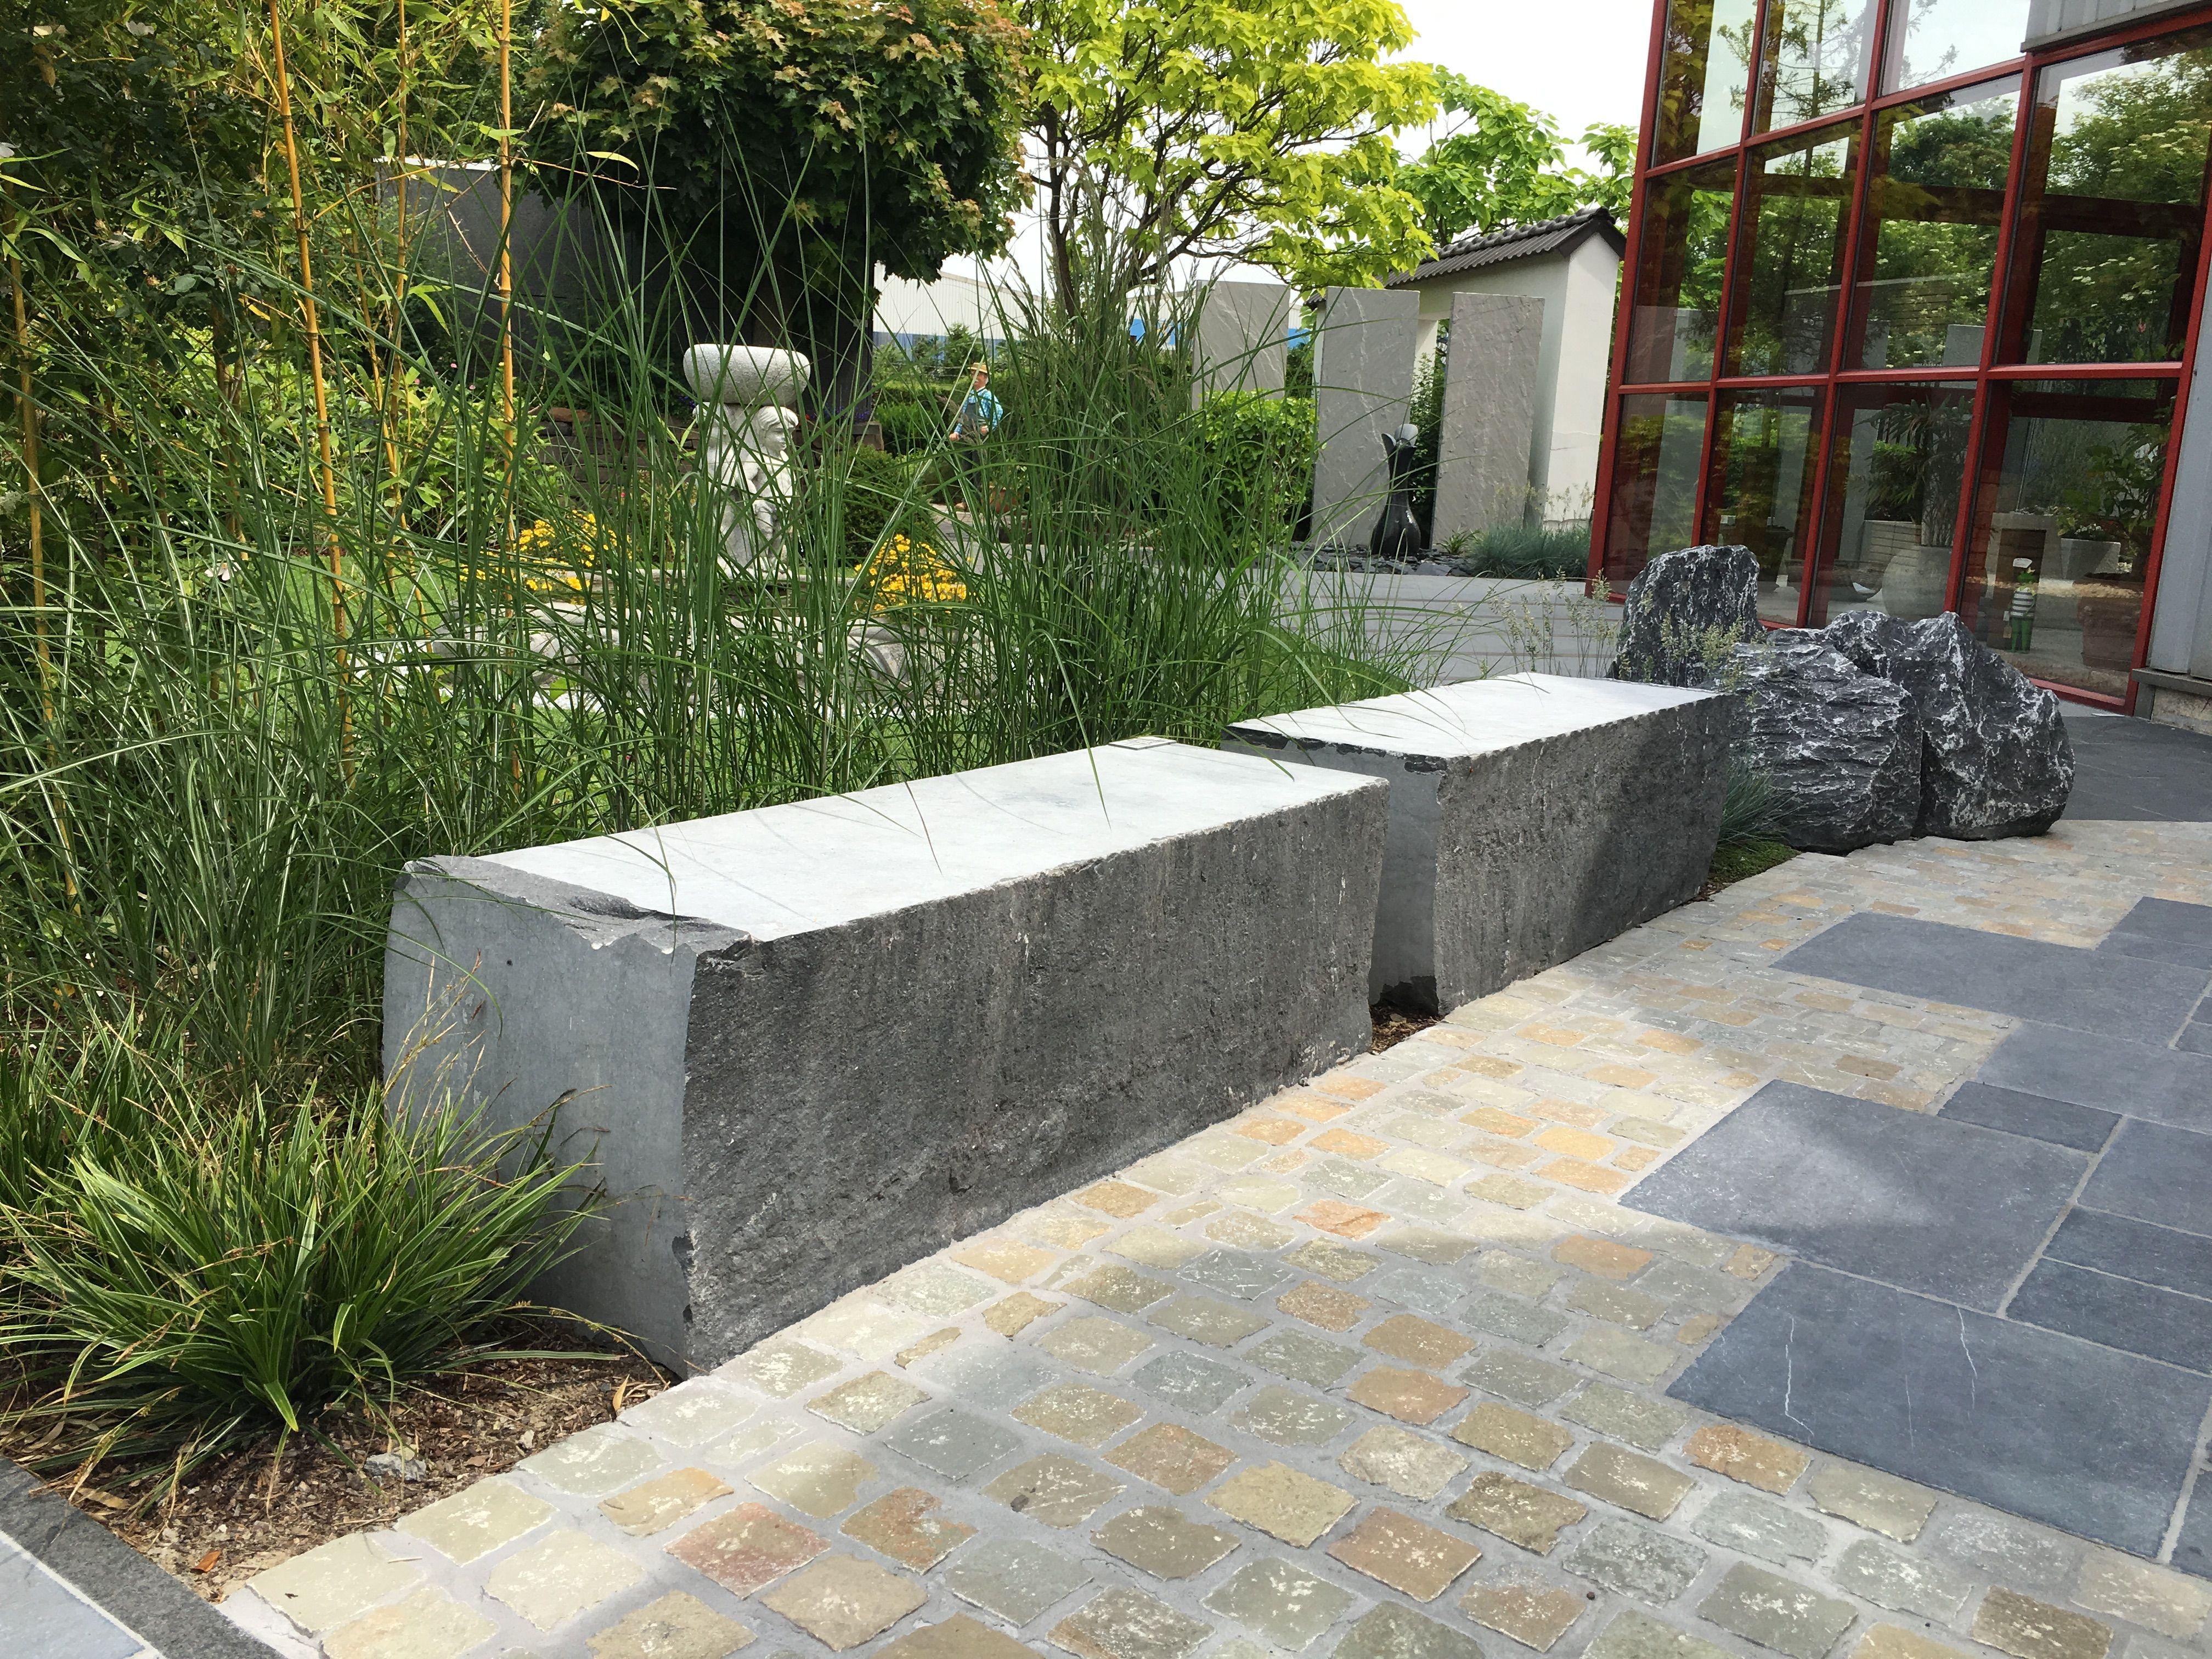 Sitzblock Irischer Blaustein 40 40 90 110 Cm Von Monte Graniti Natursteine Sitzbank Garten Haus Und Garten